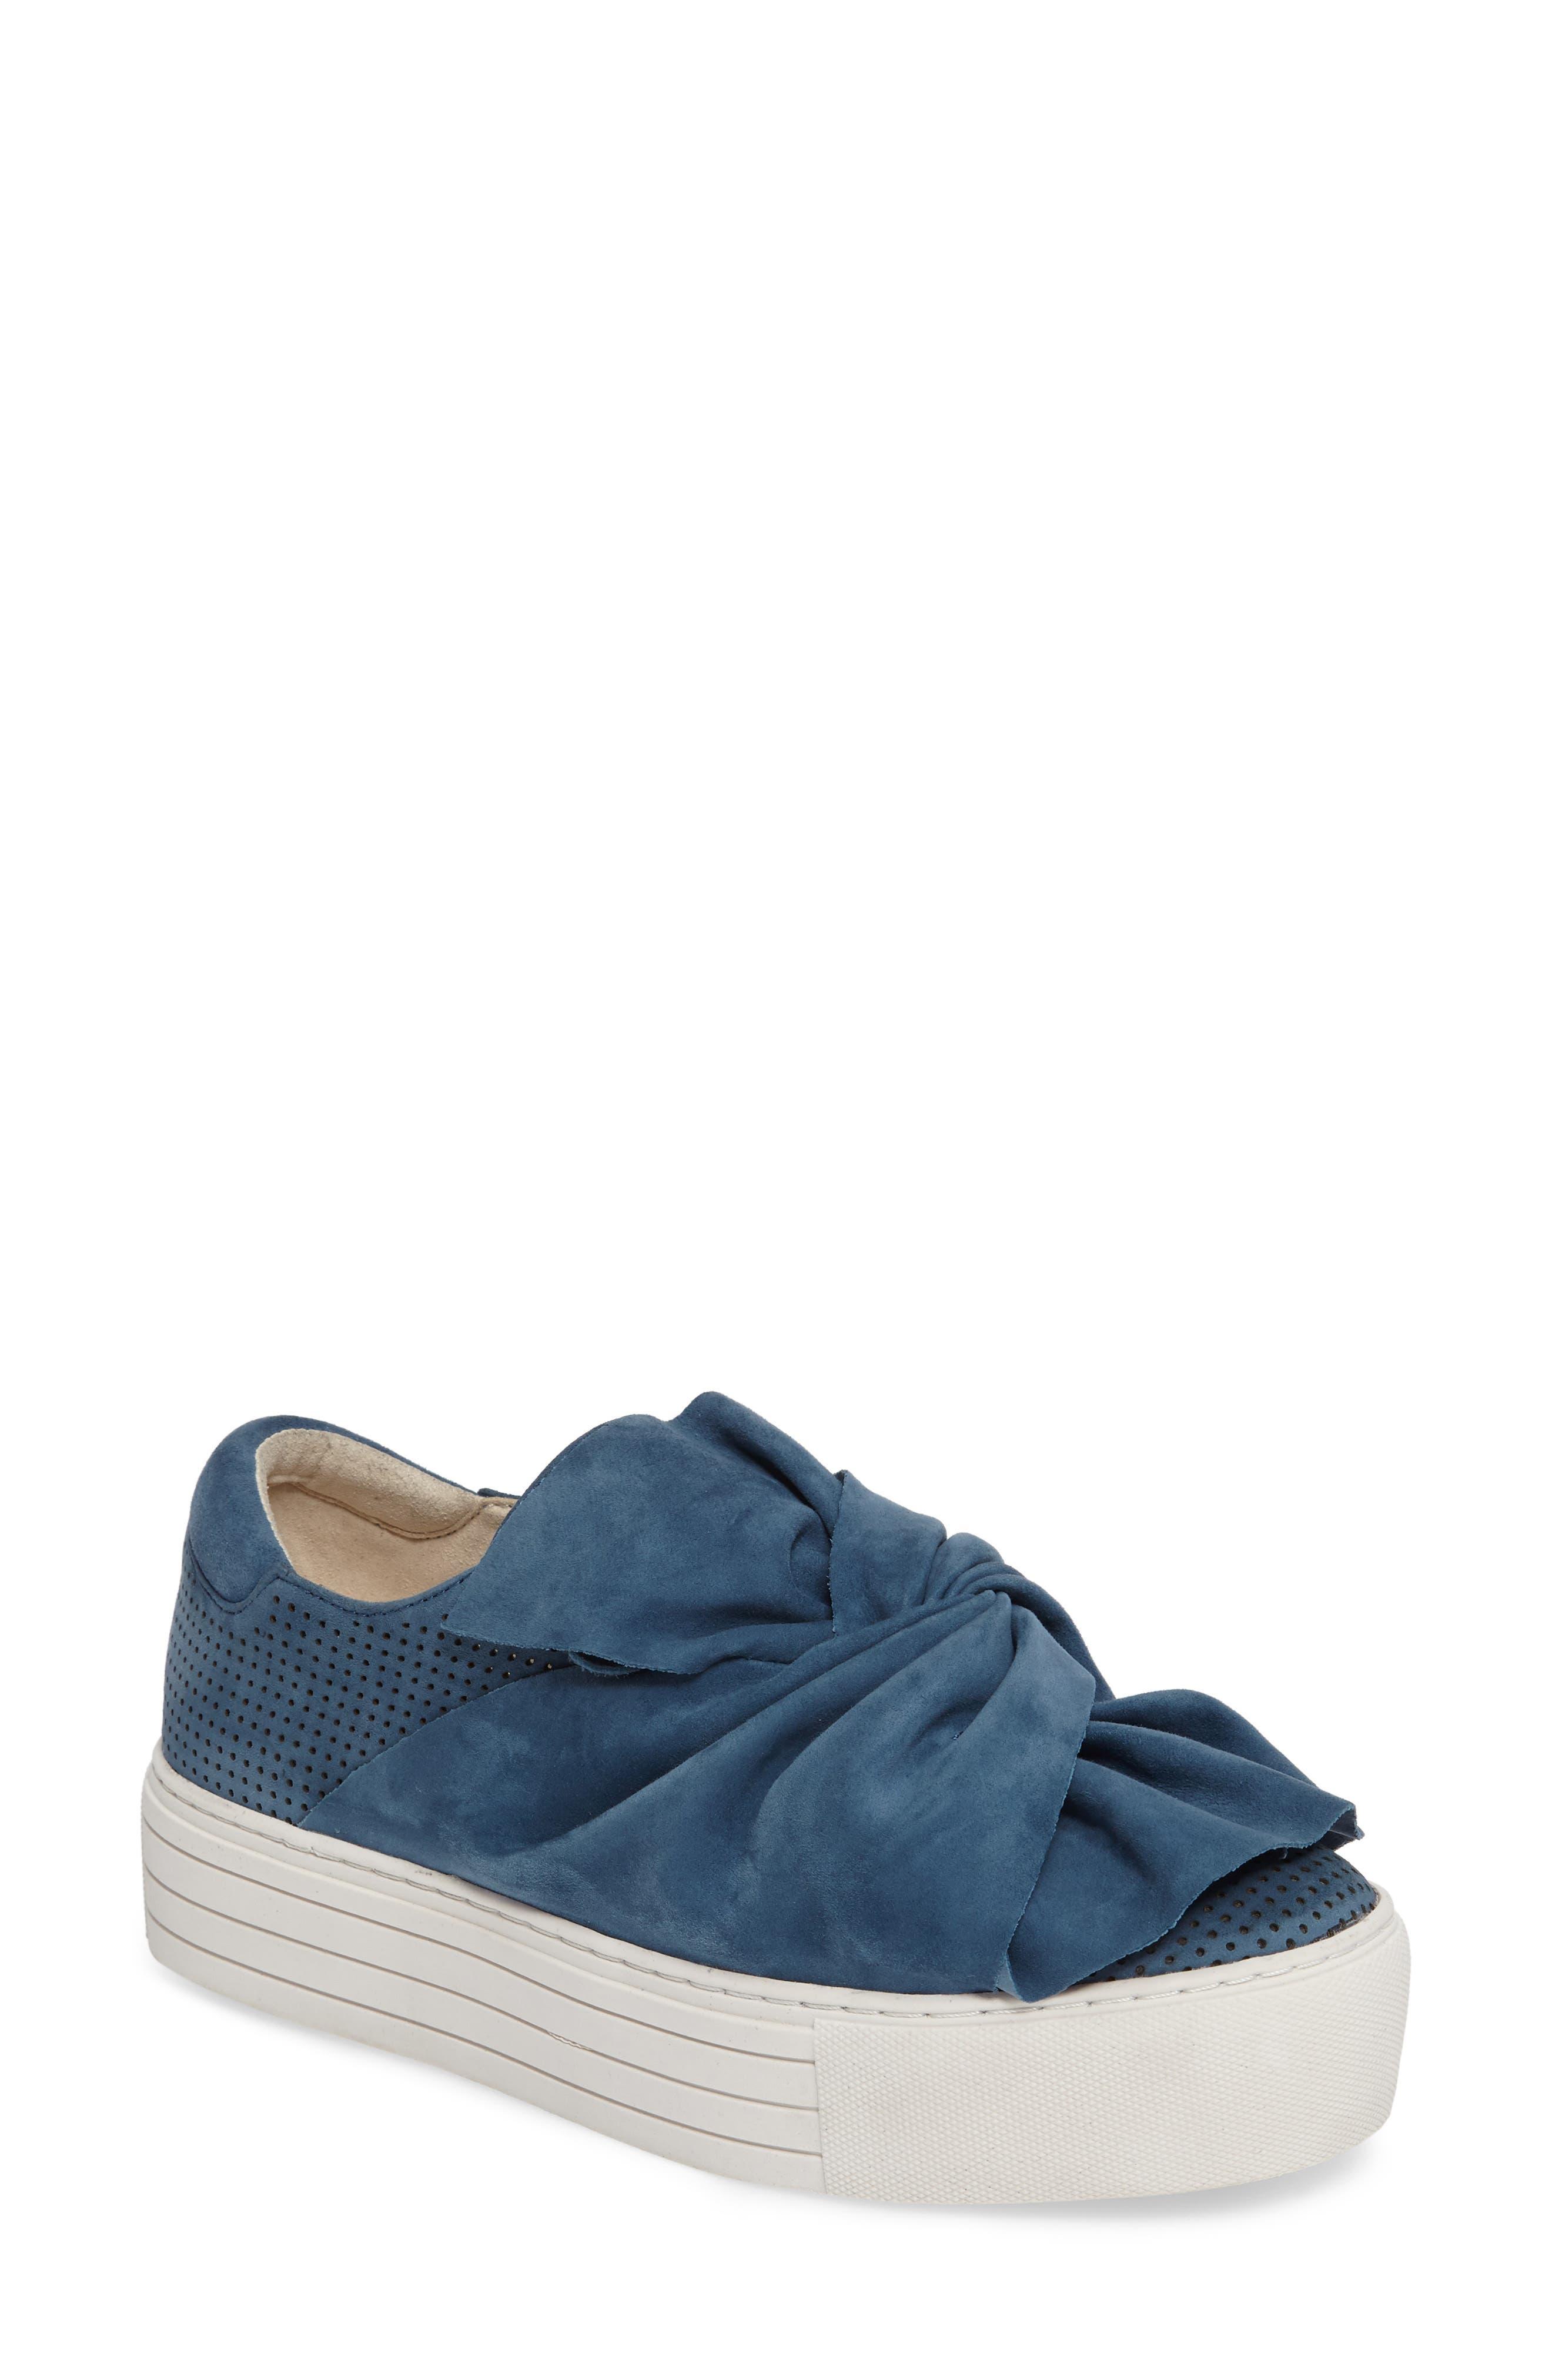 Kenneth Cole Aaron 2 Flatform Sneaker (Women)